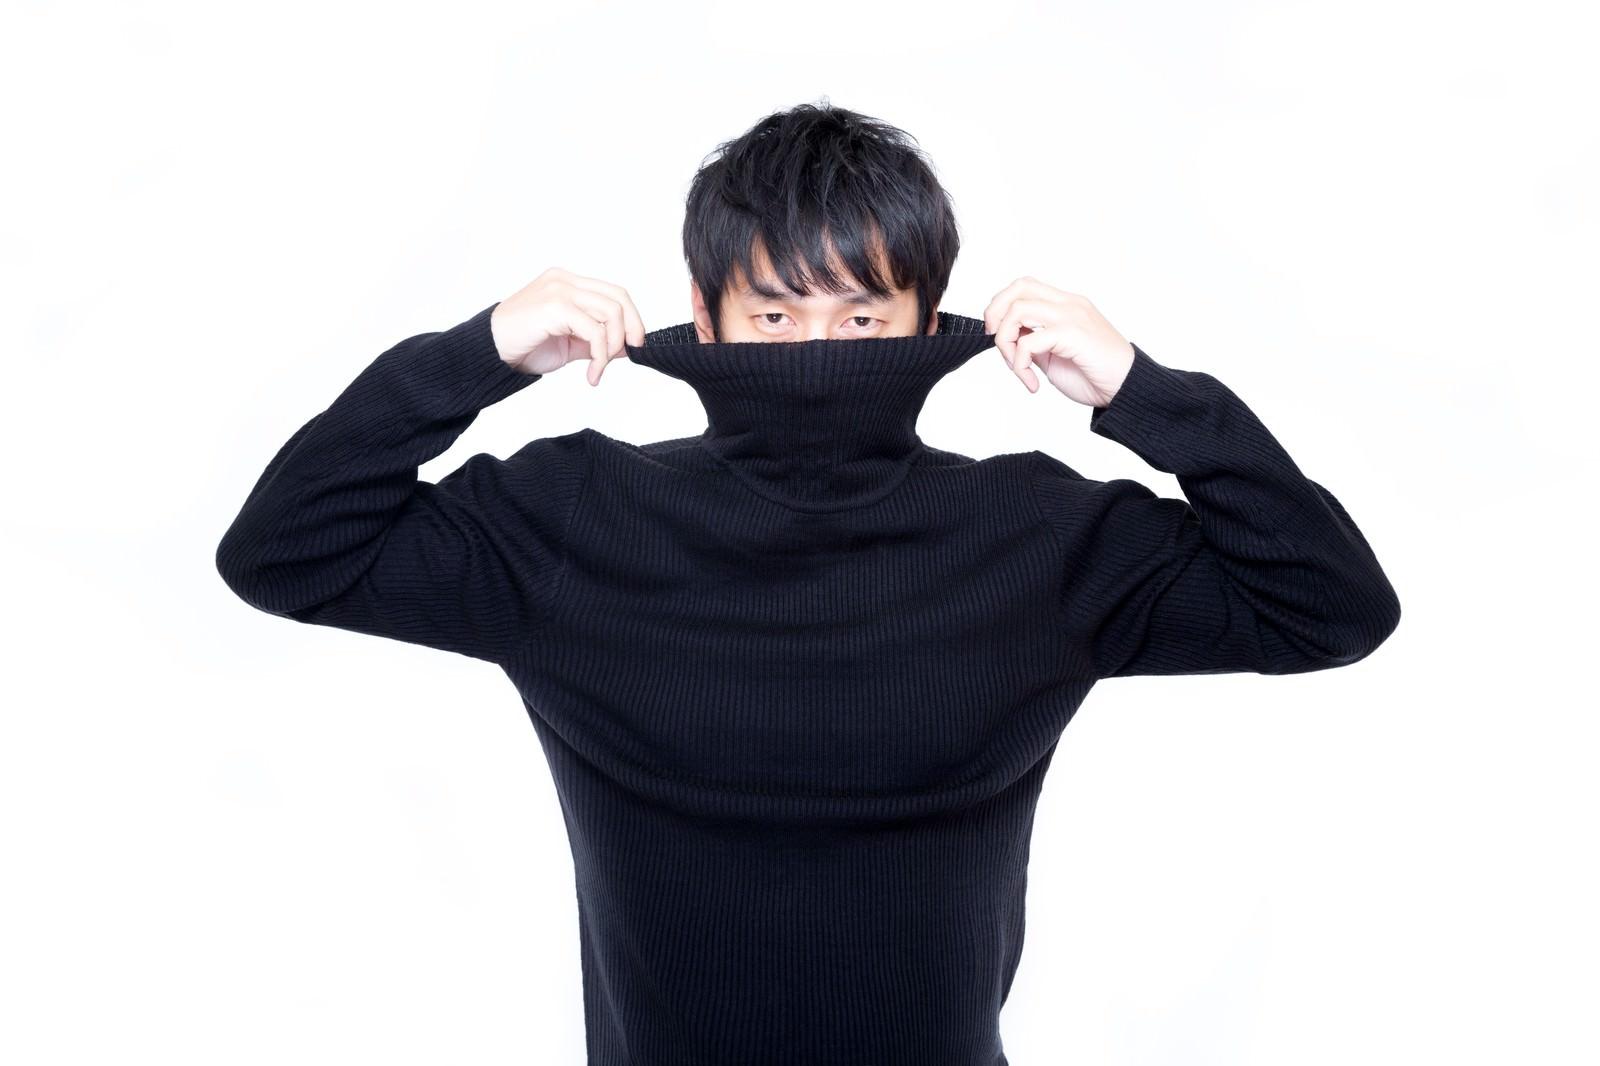 「髪型が崩れないように慎重にタートルネックを着るオシャメン」の写真[モデル:大川竜弥]